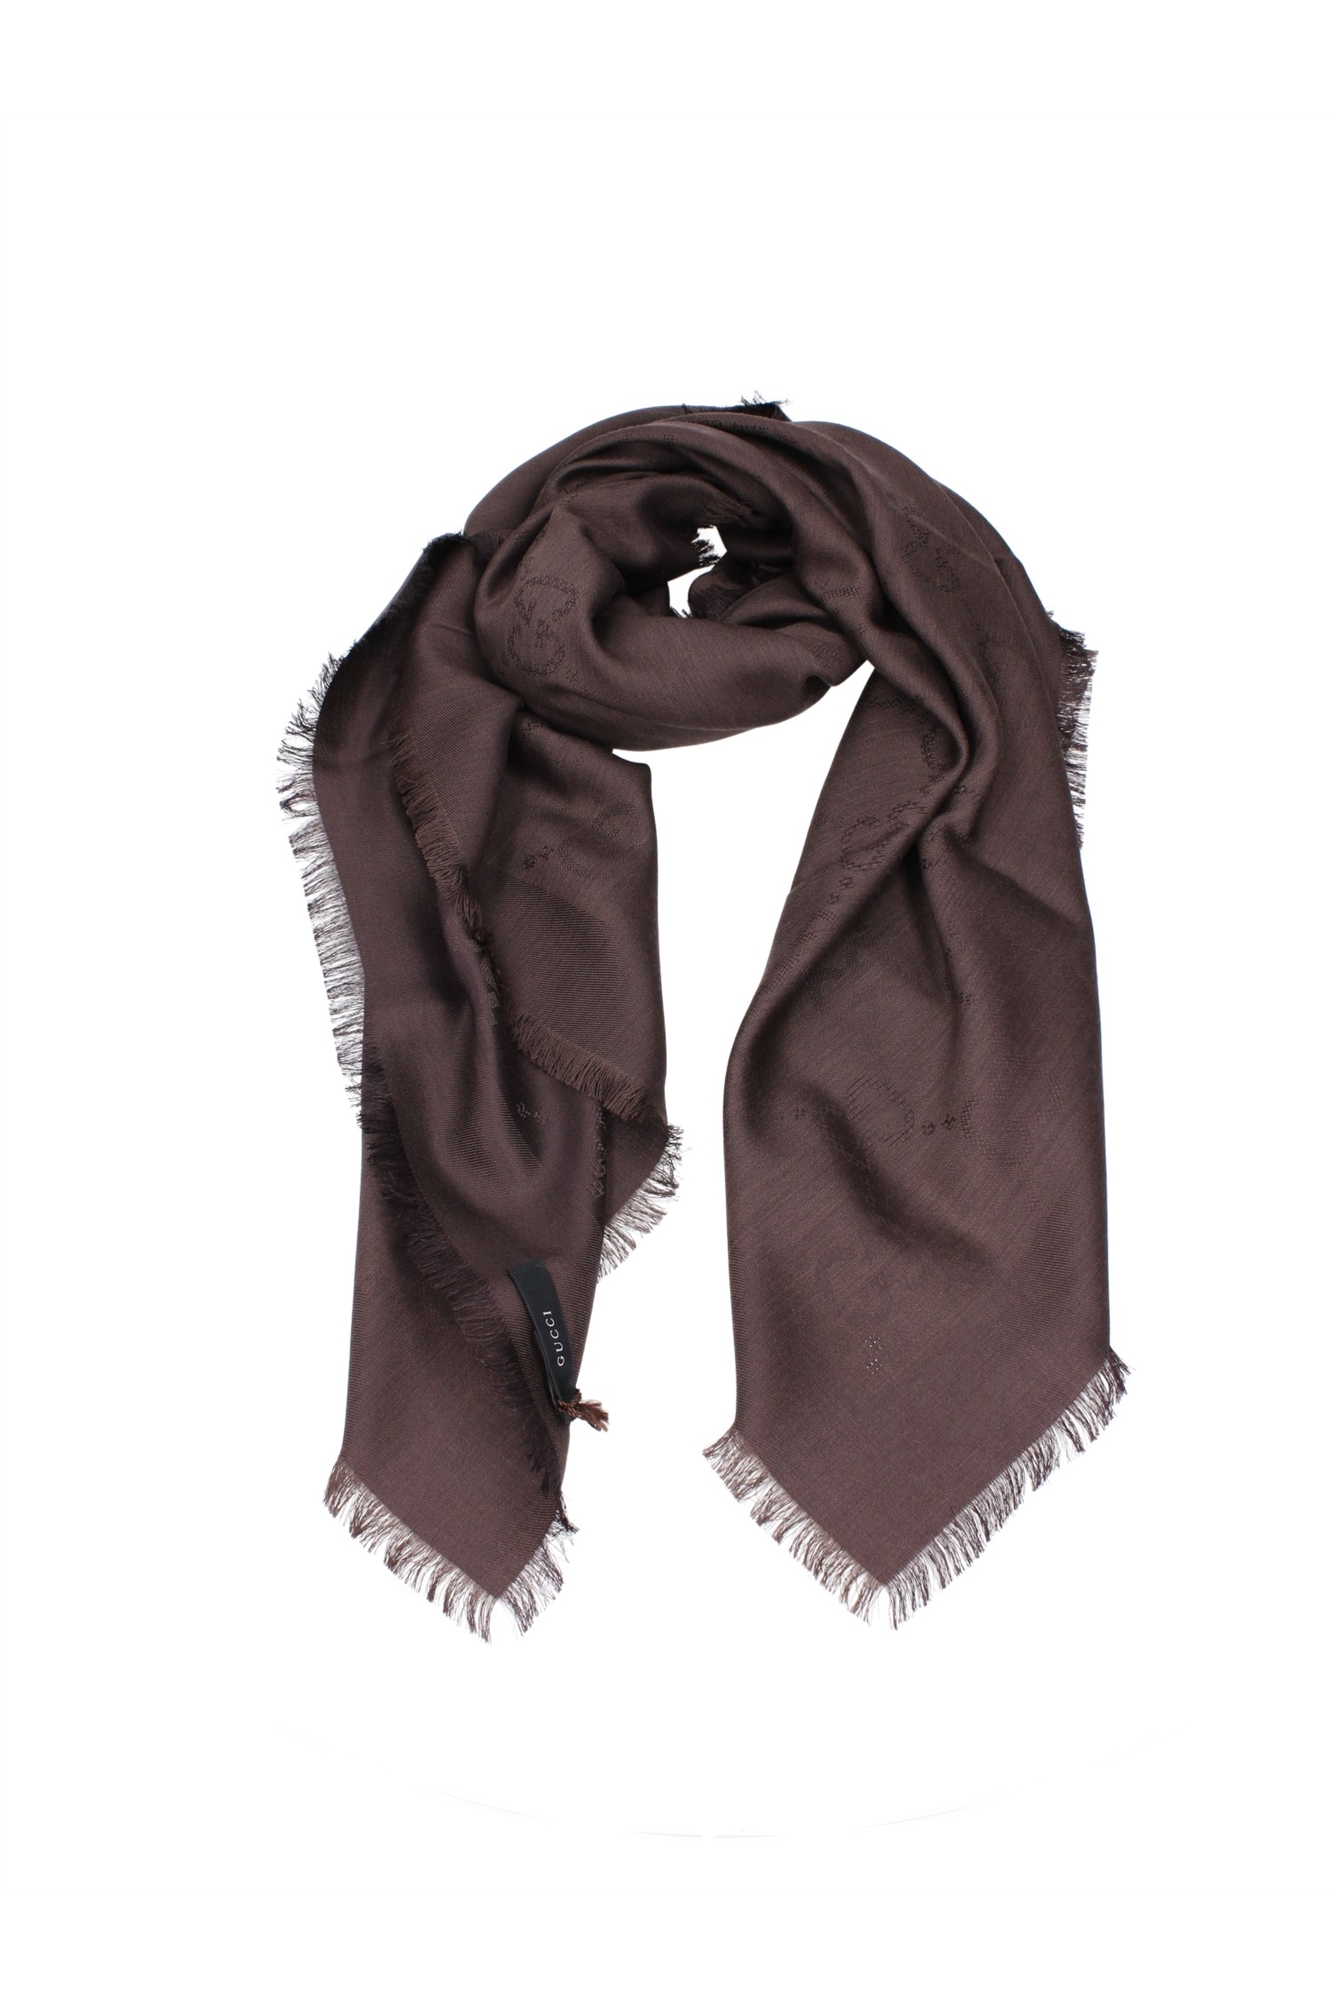 foulard schals gucci herren seide braun 2952213g7602000. Black Bedroom Furniture Sets. Home Design Ideas